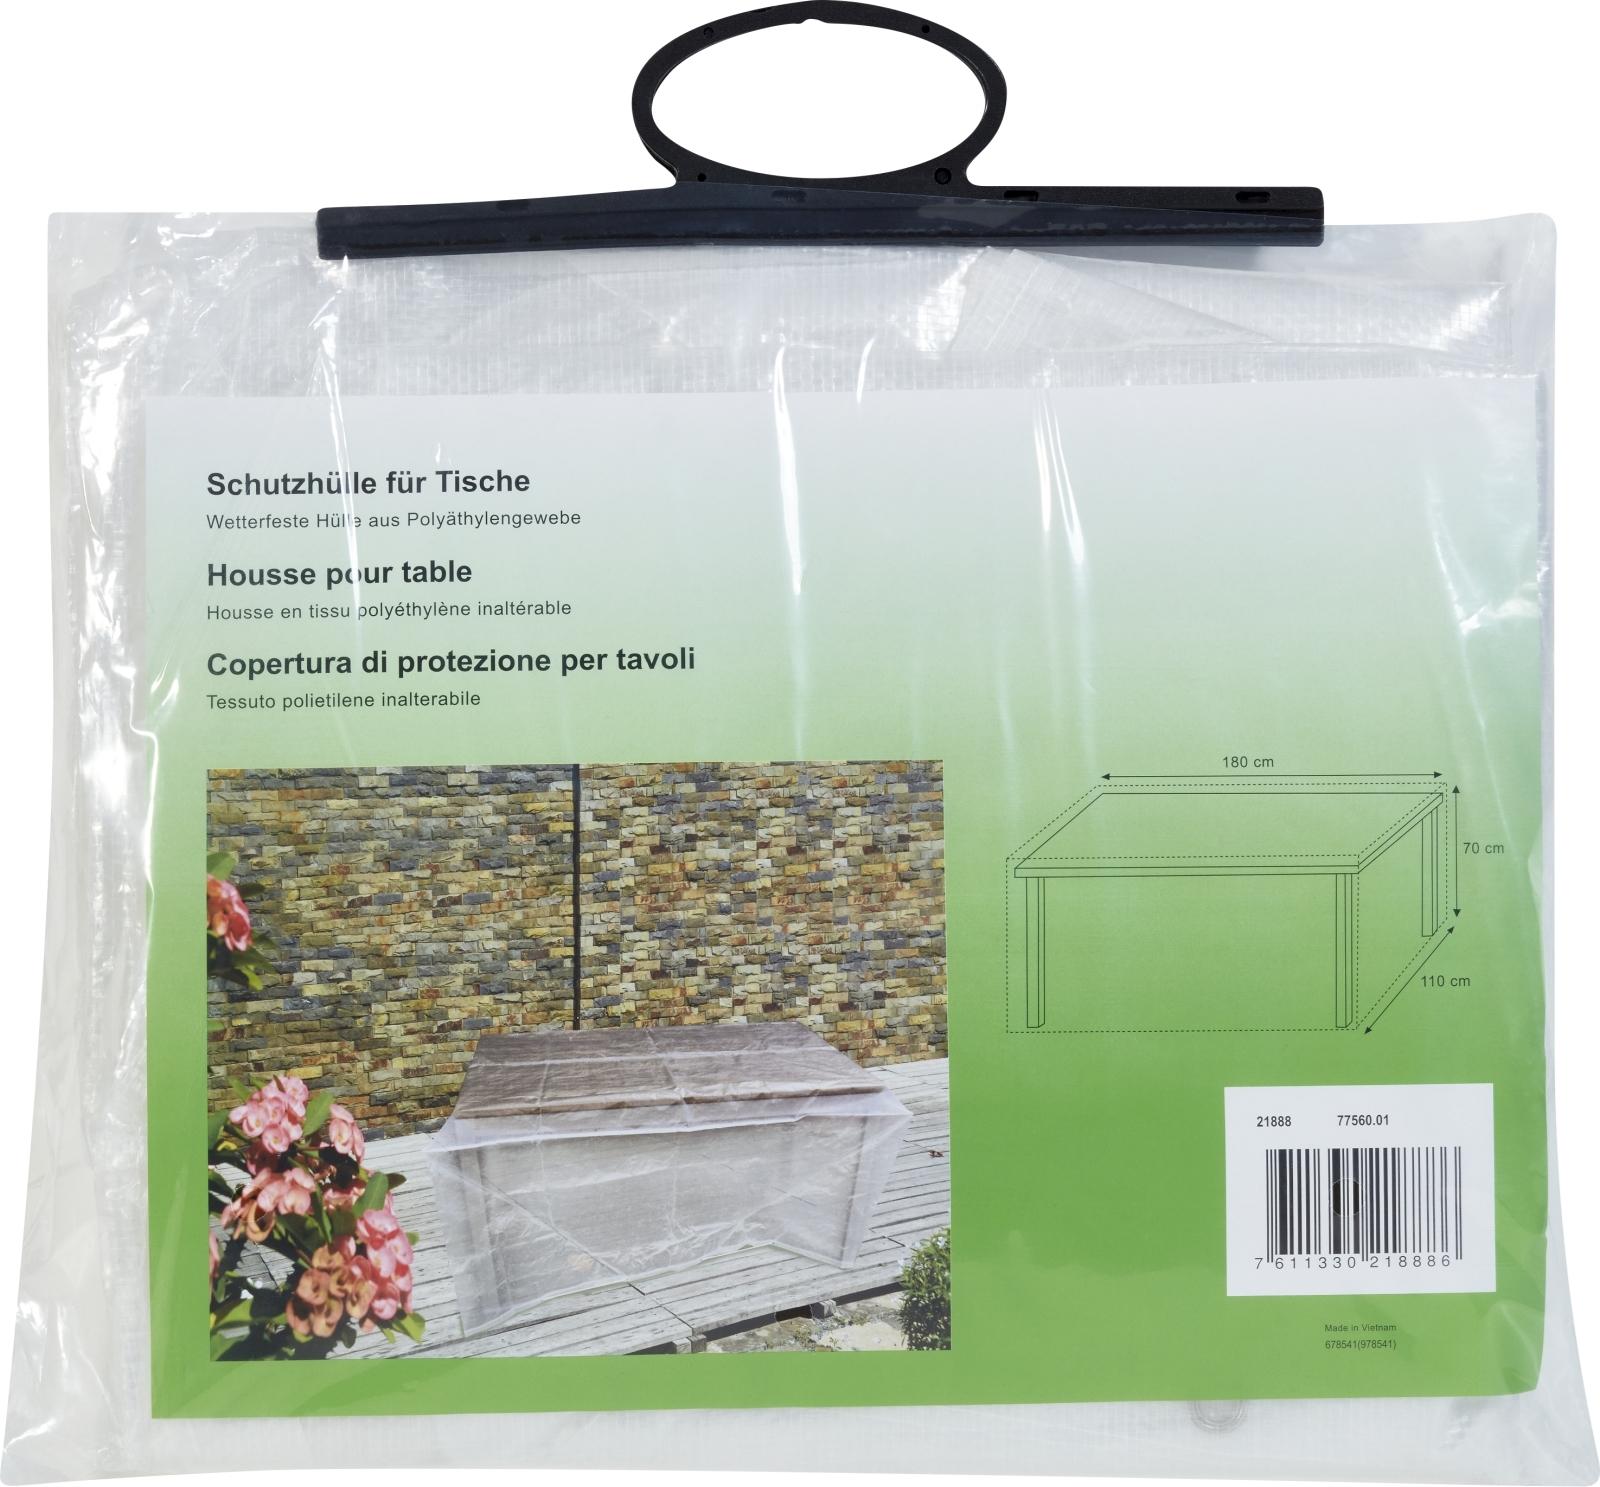 Schutzhülle Tisch 180 × 110 × 70 Cm